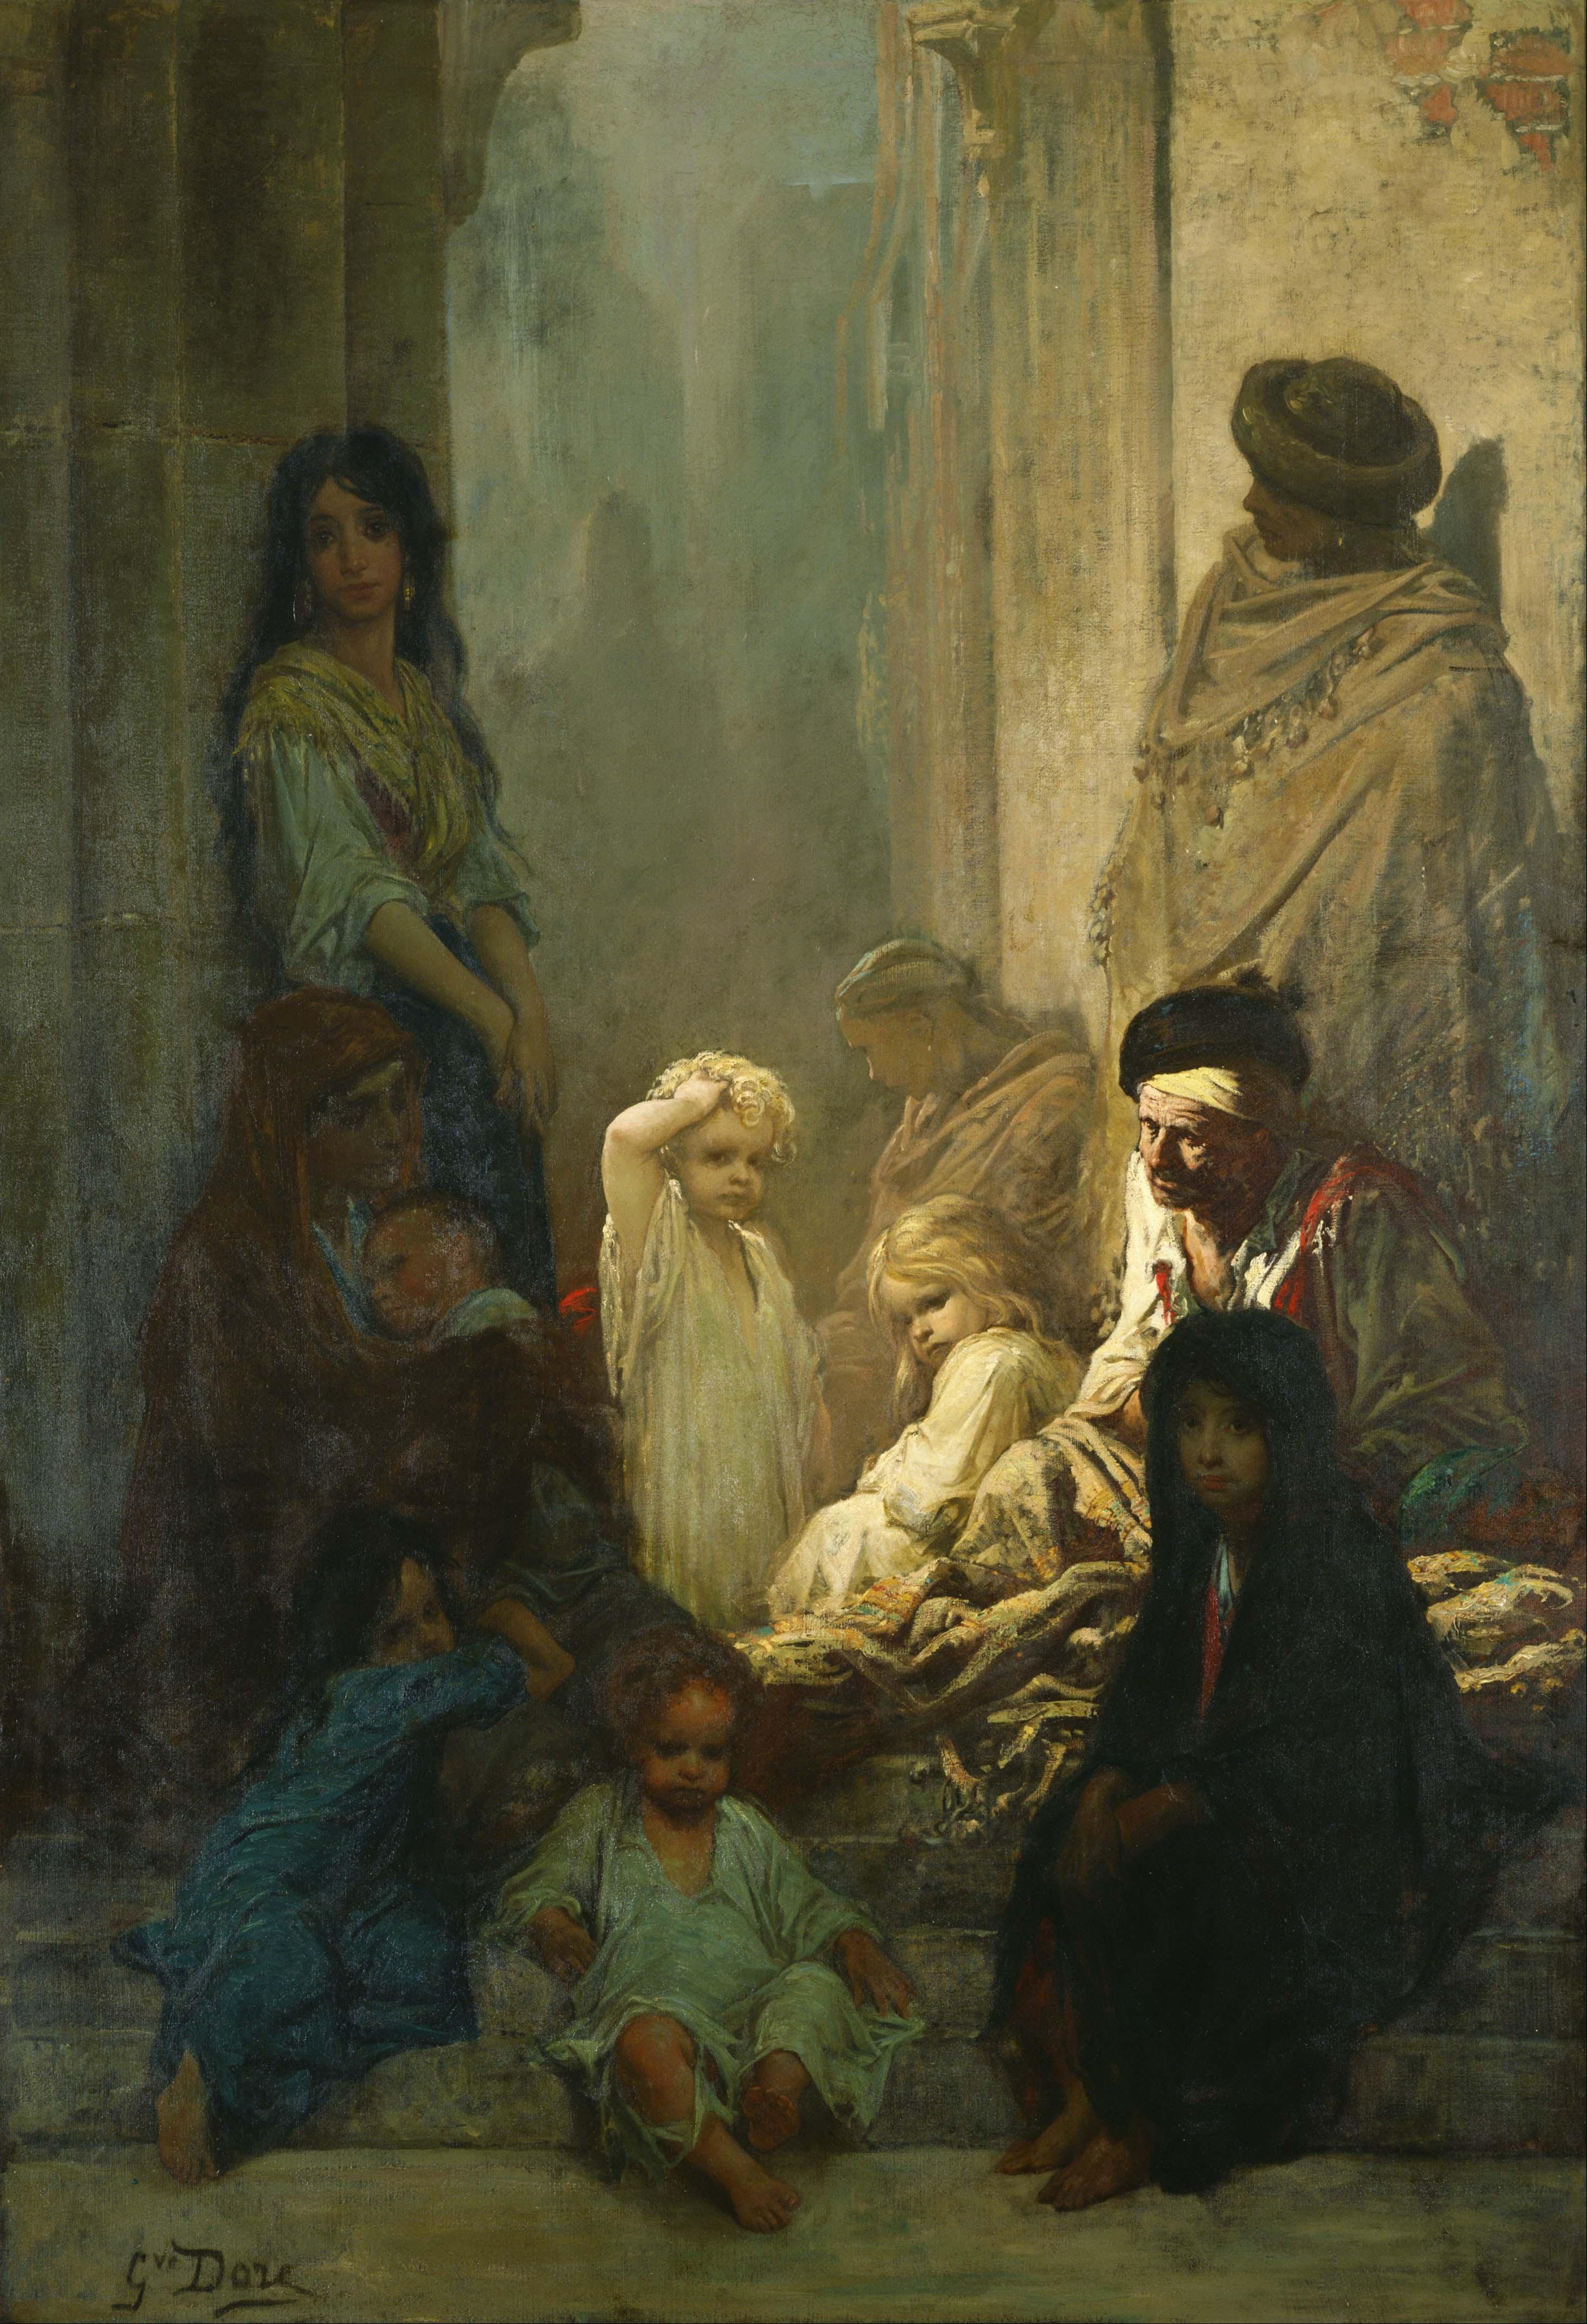 Gustave Dore Gustave_Dore_-_La_Siesta,_Memory_of_Spain_-_Google_Art_Project